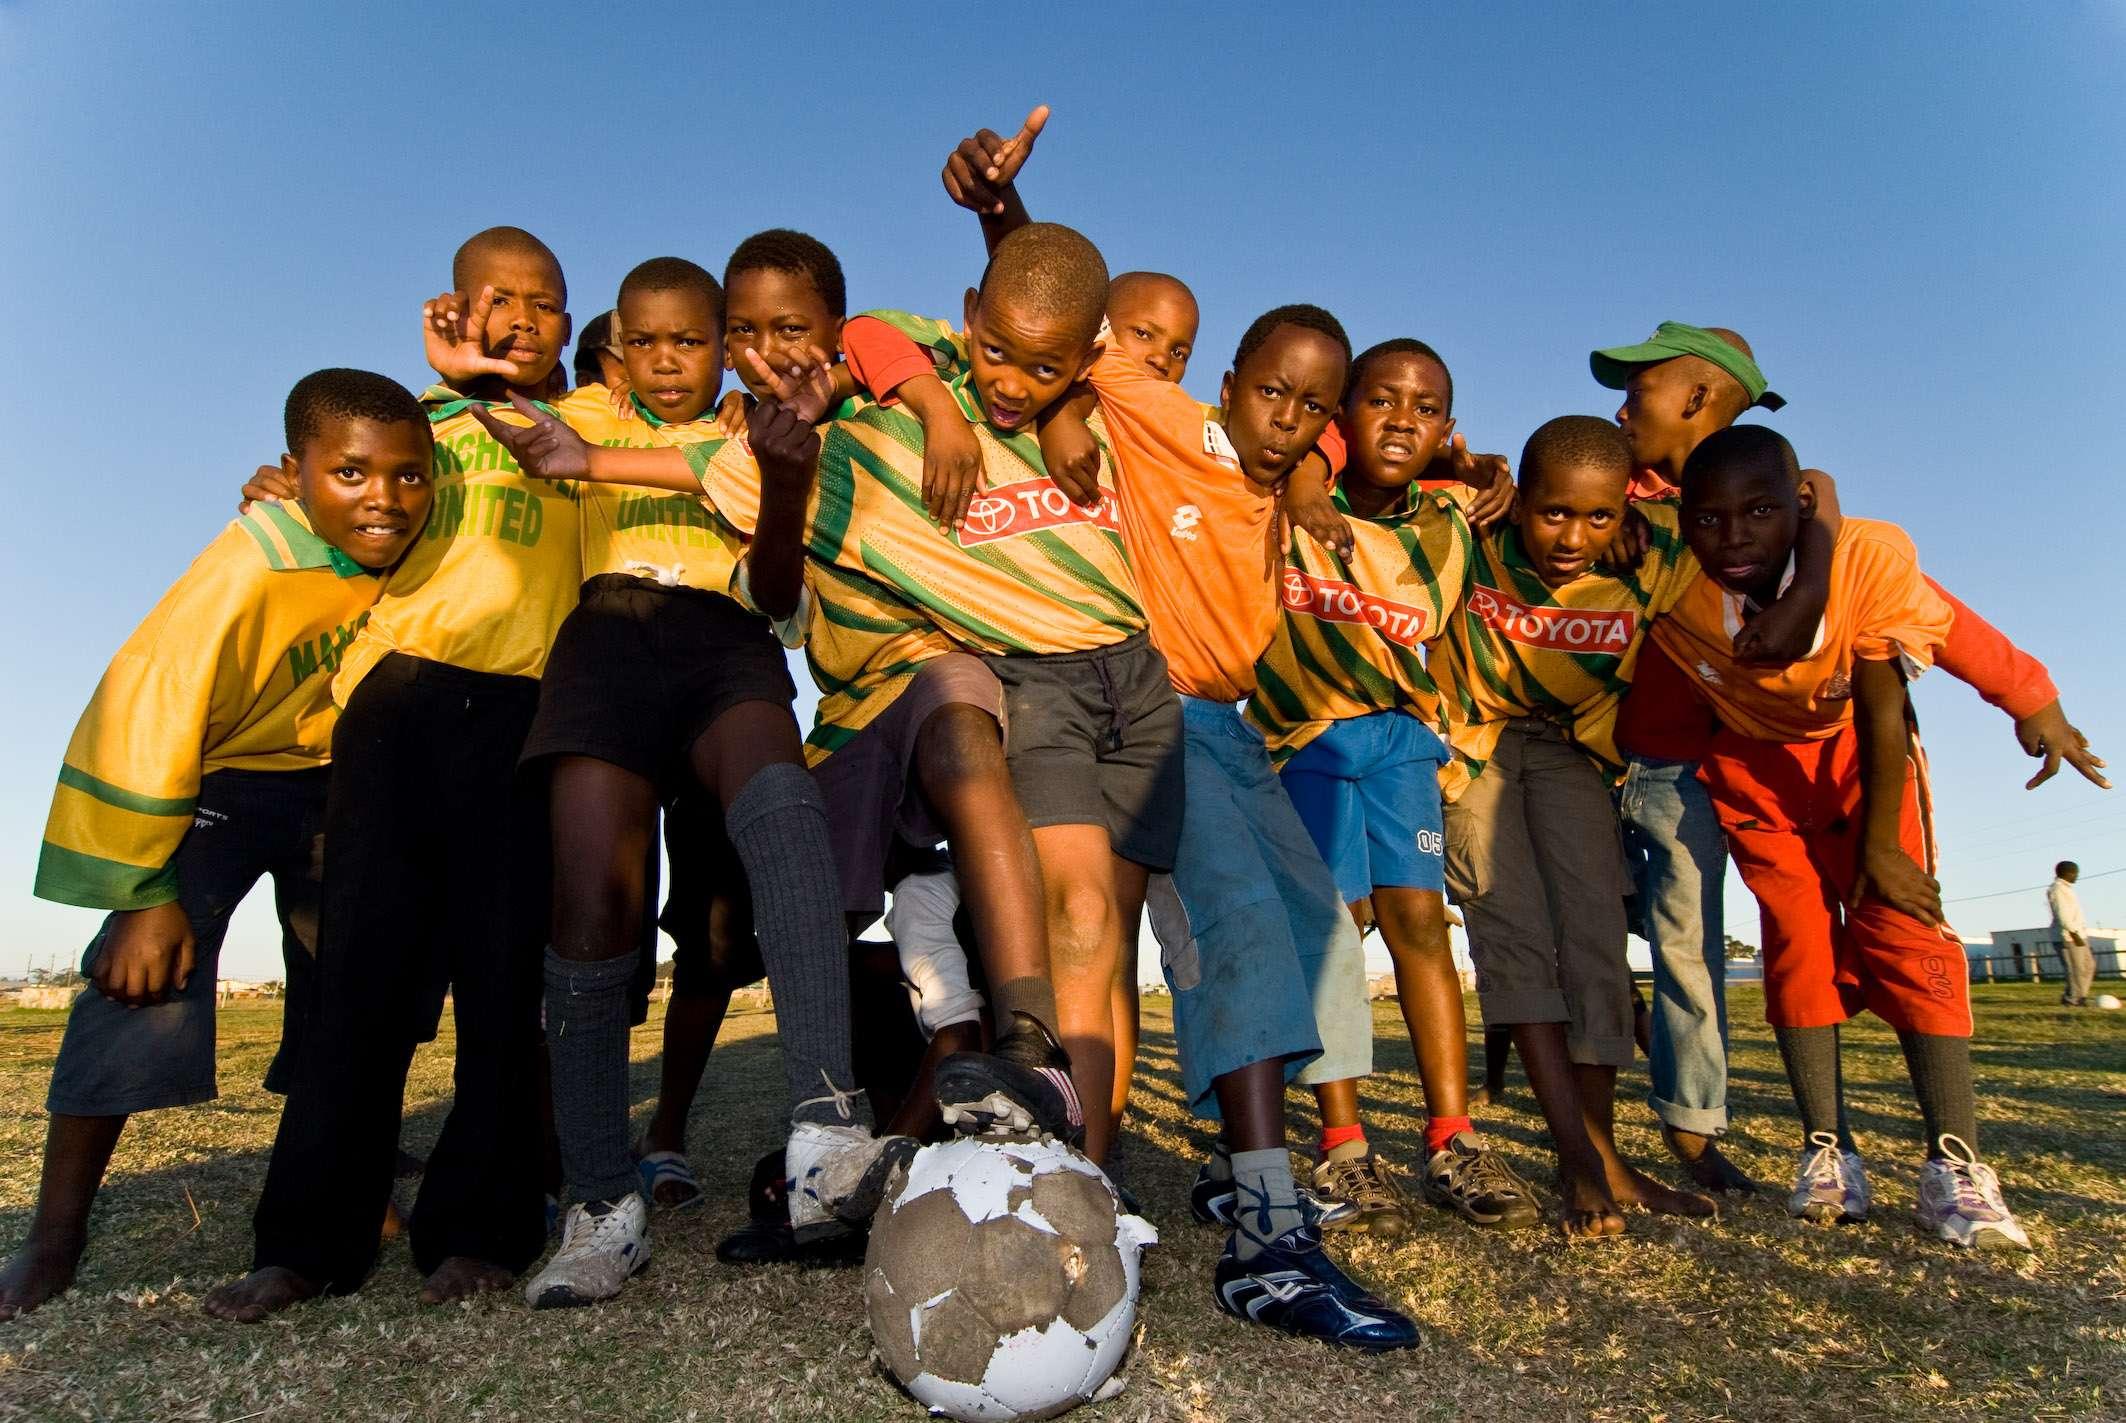 Fußballmanschaft im Township Graff-Reinet, © Dirk Bleyer